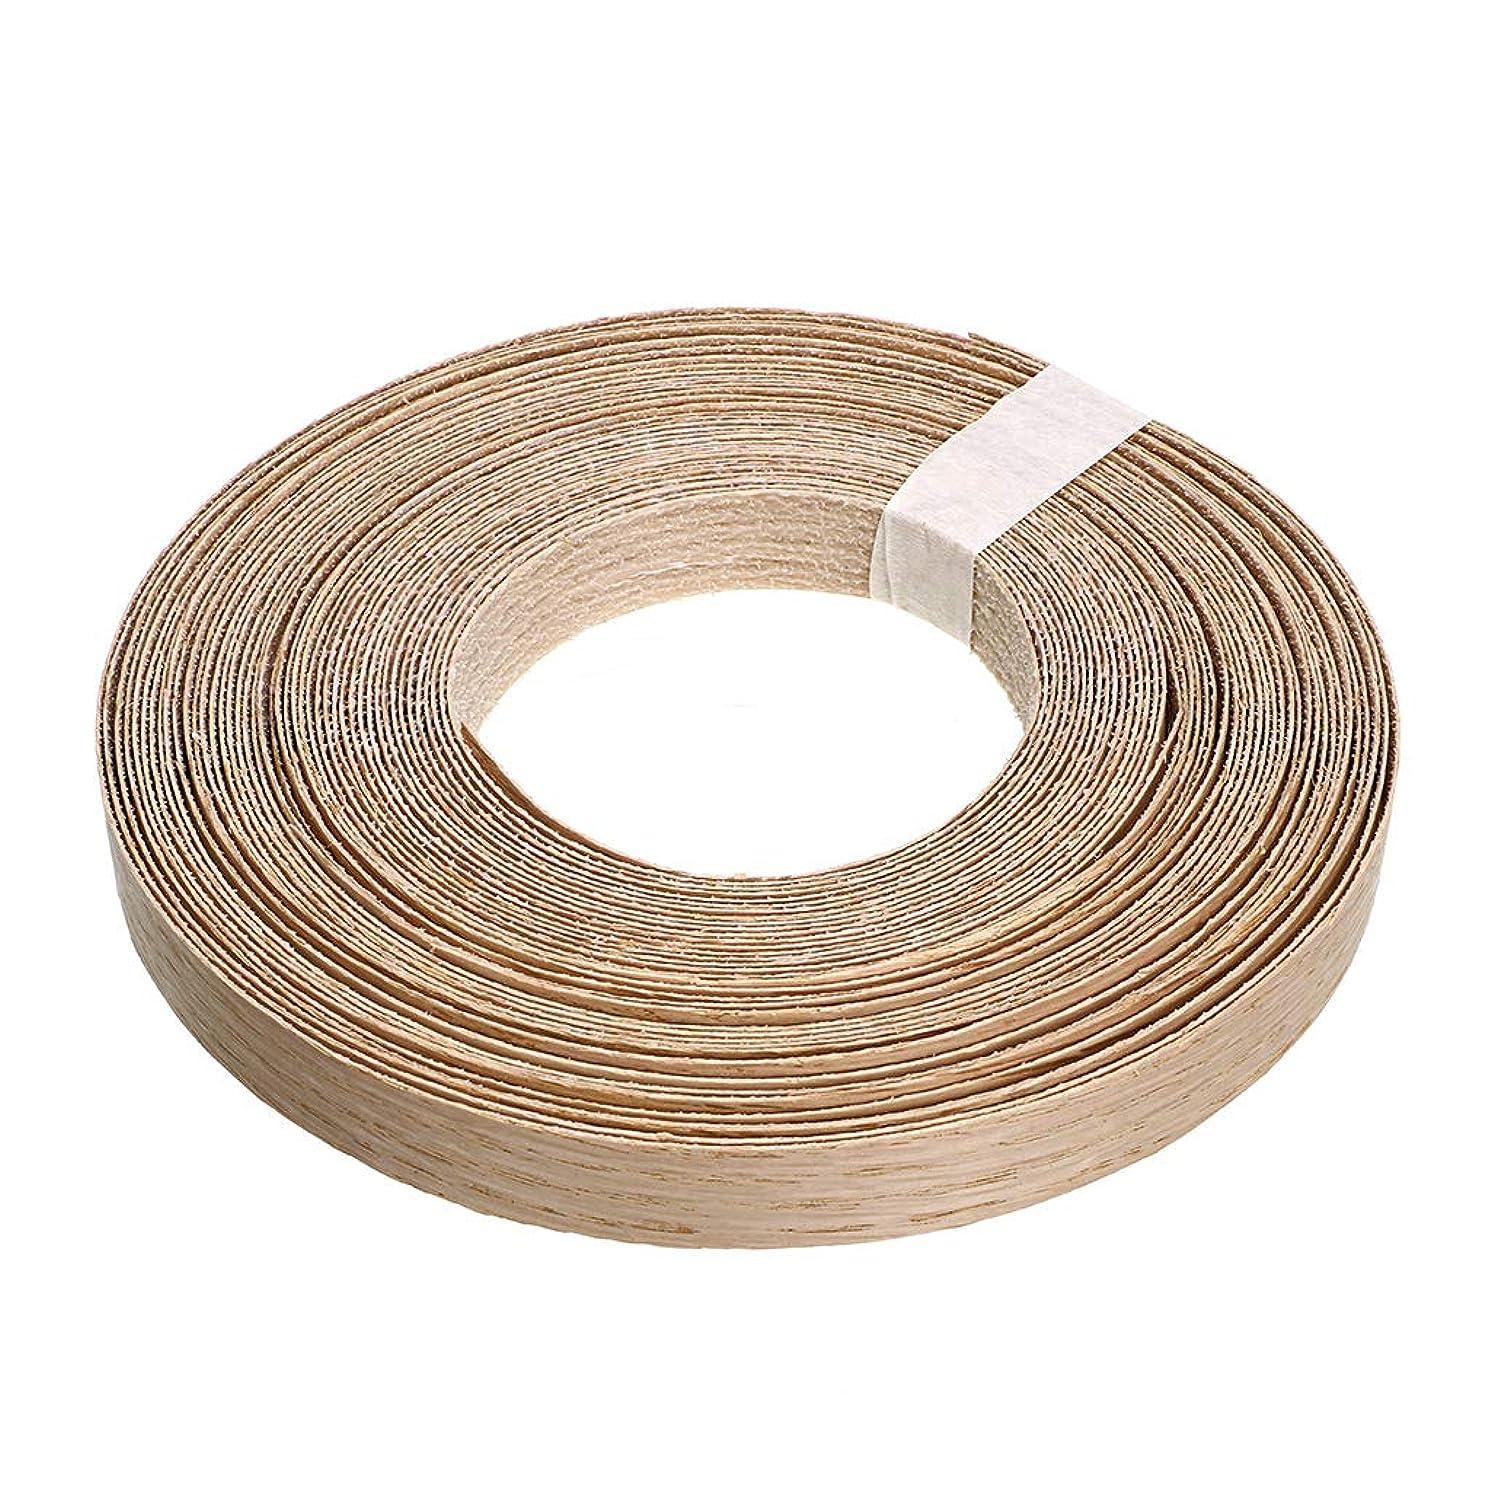 Skelang Red Oak Wood Veneer Edge Banding Preglued Iron-On with Hot Melt Adhesive Edgebanding Flexible Wood Tape (7/8